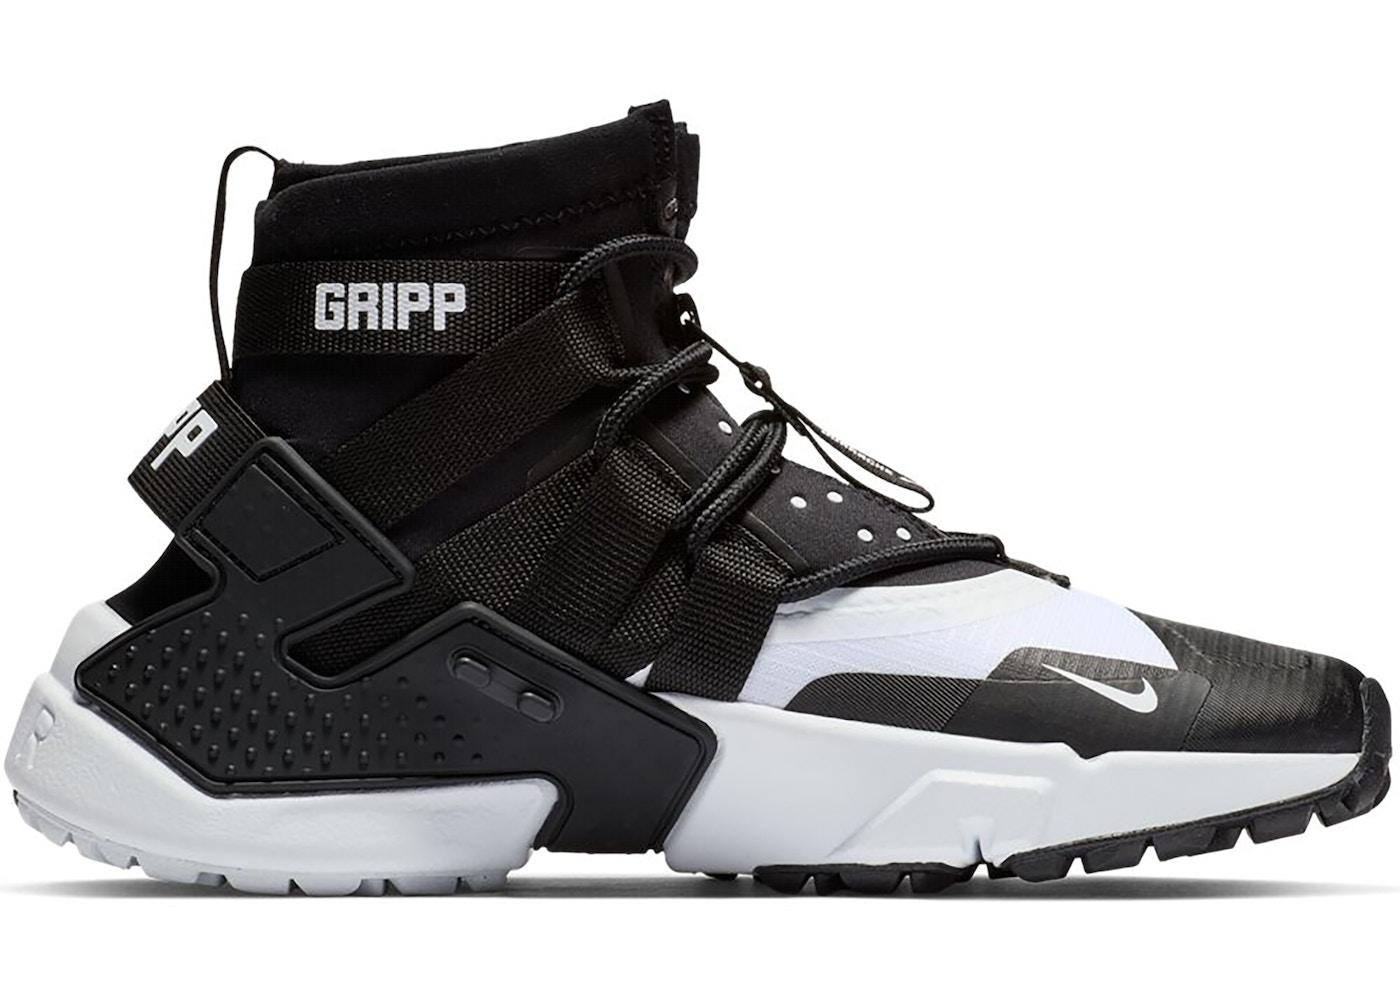 Nike Air Huarache Gripp Black White